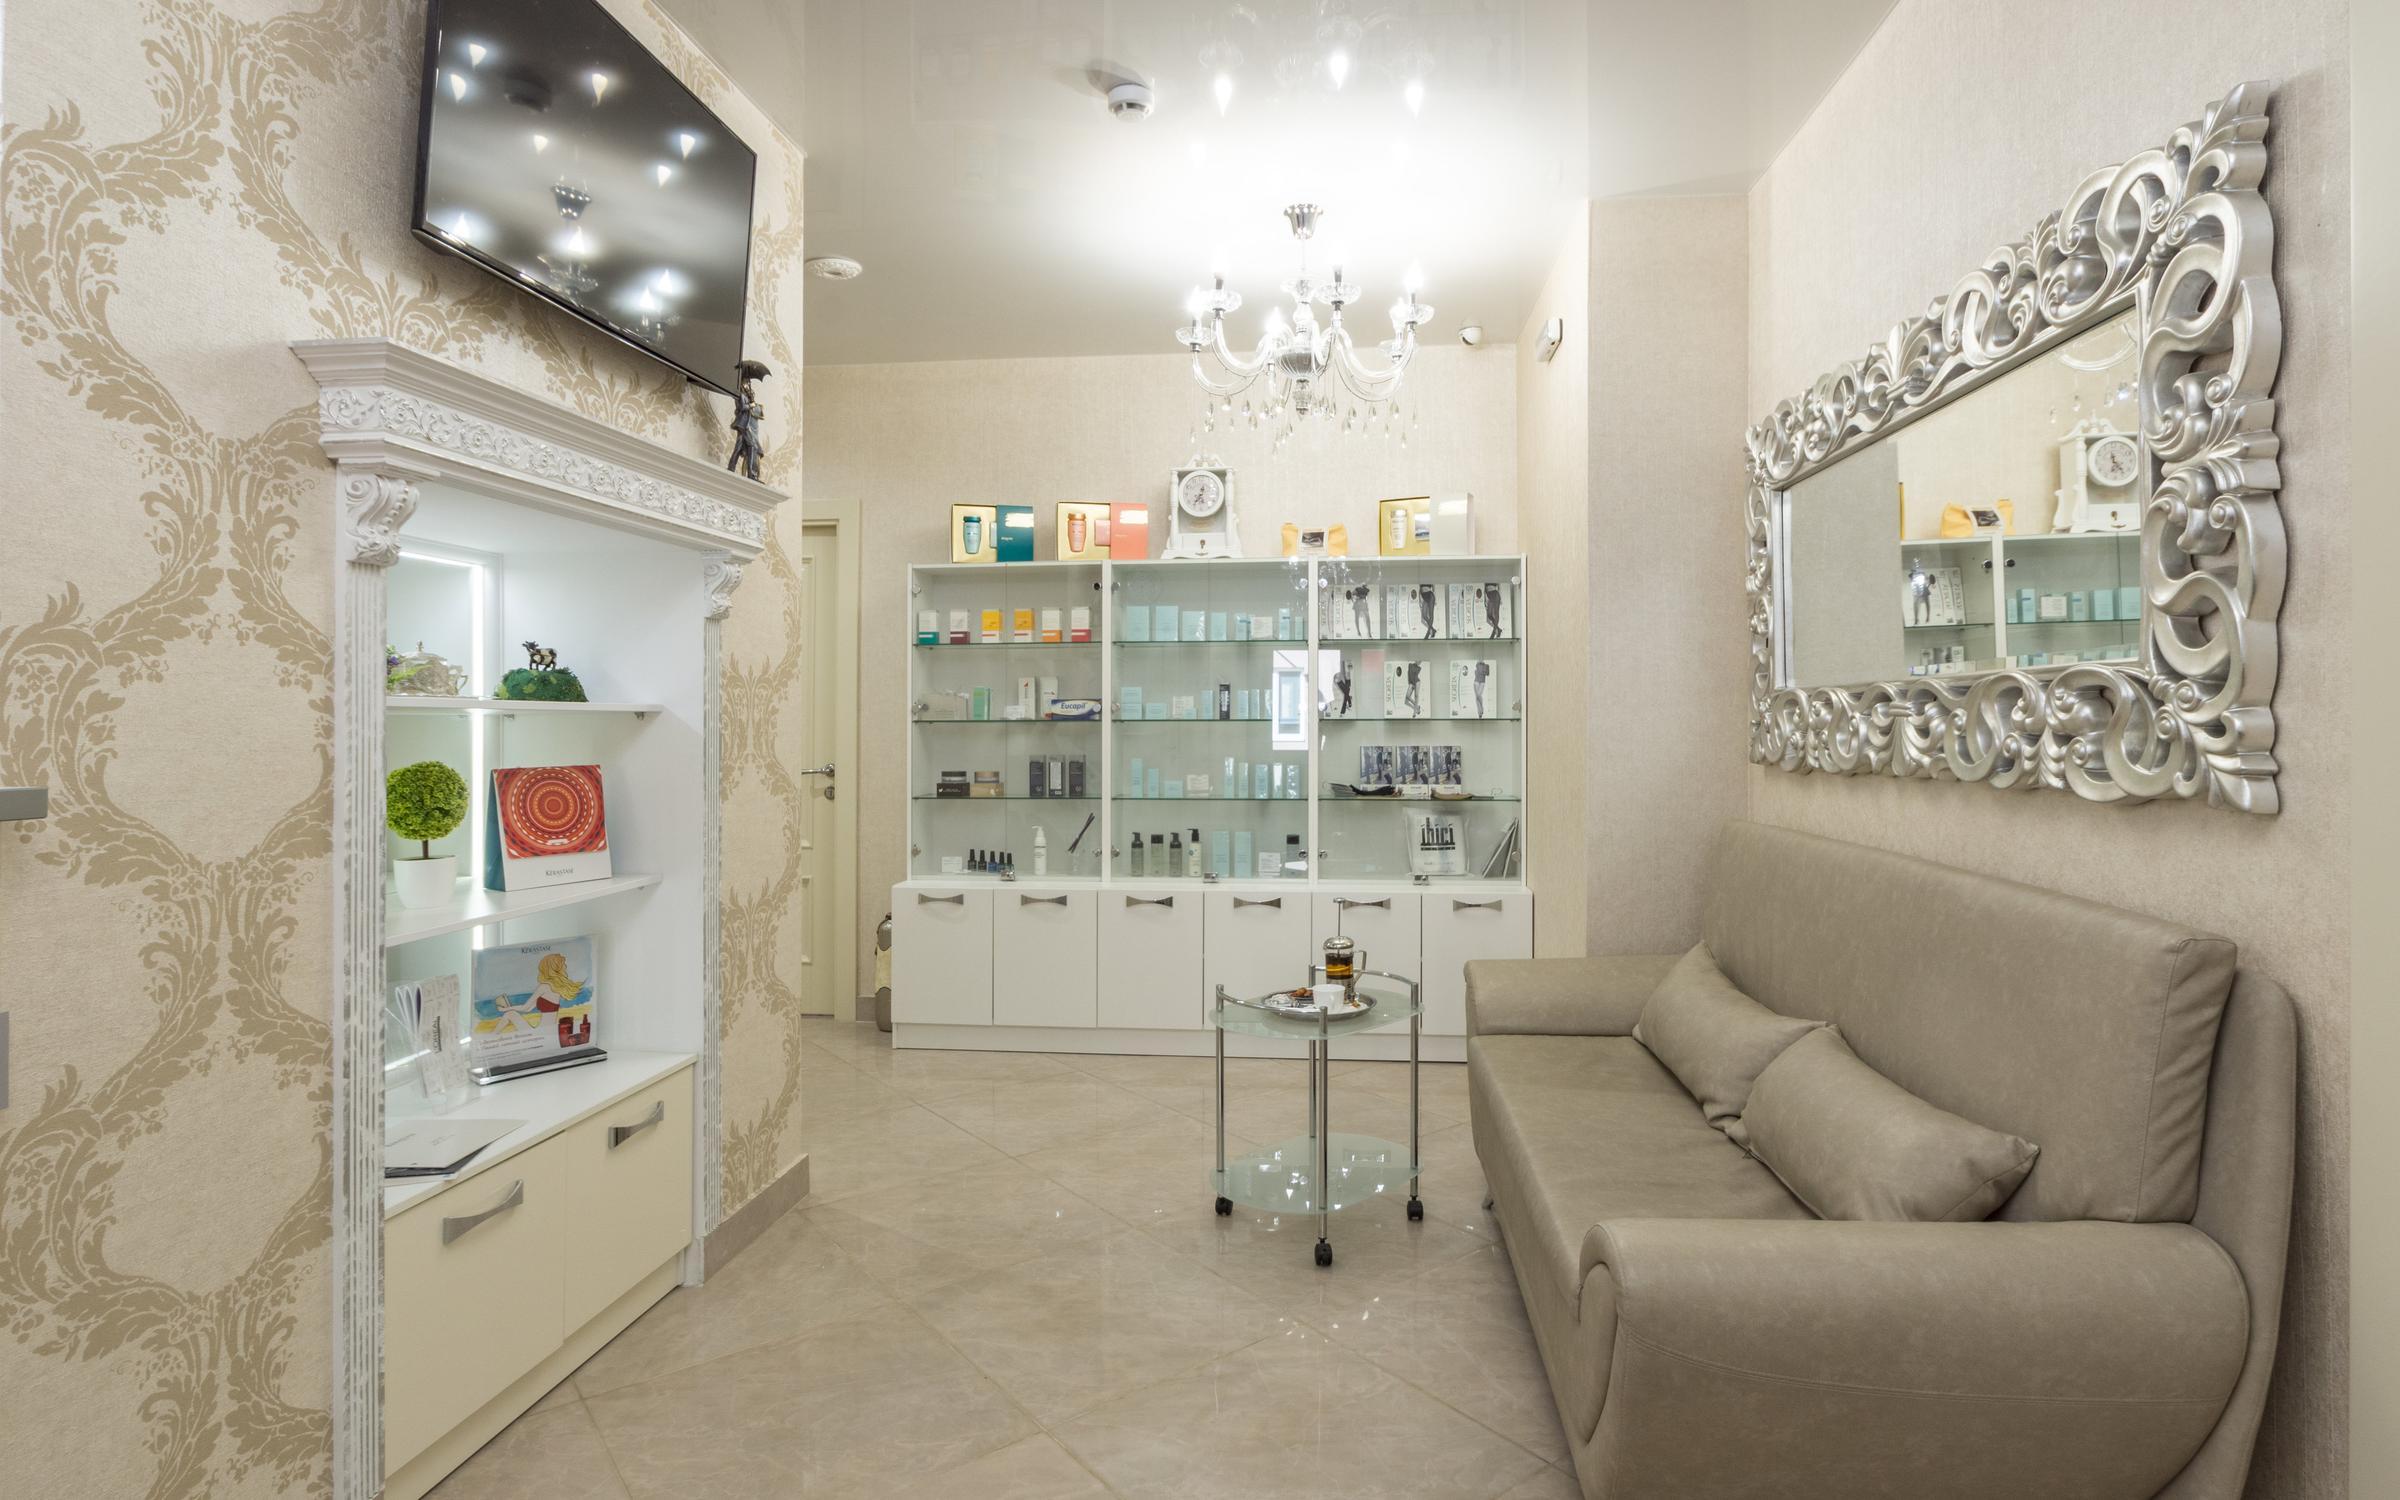 фотография Косметологической клиники Prime Beauty Clinic на Малой Ямской улице